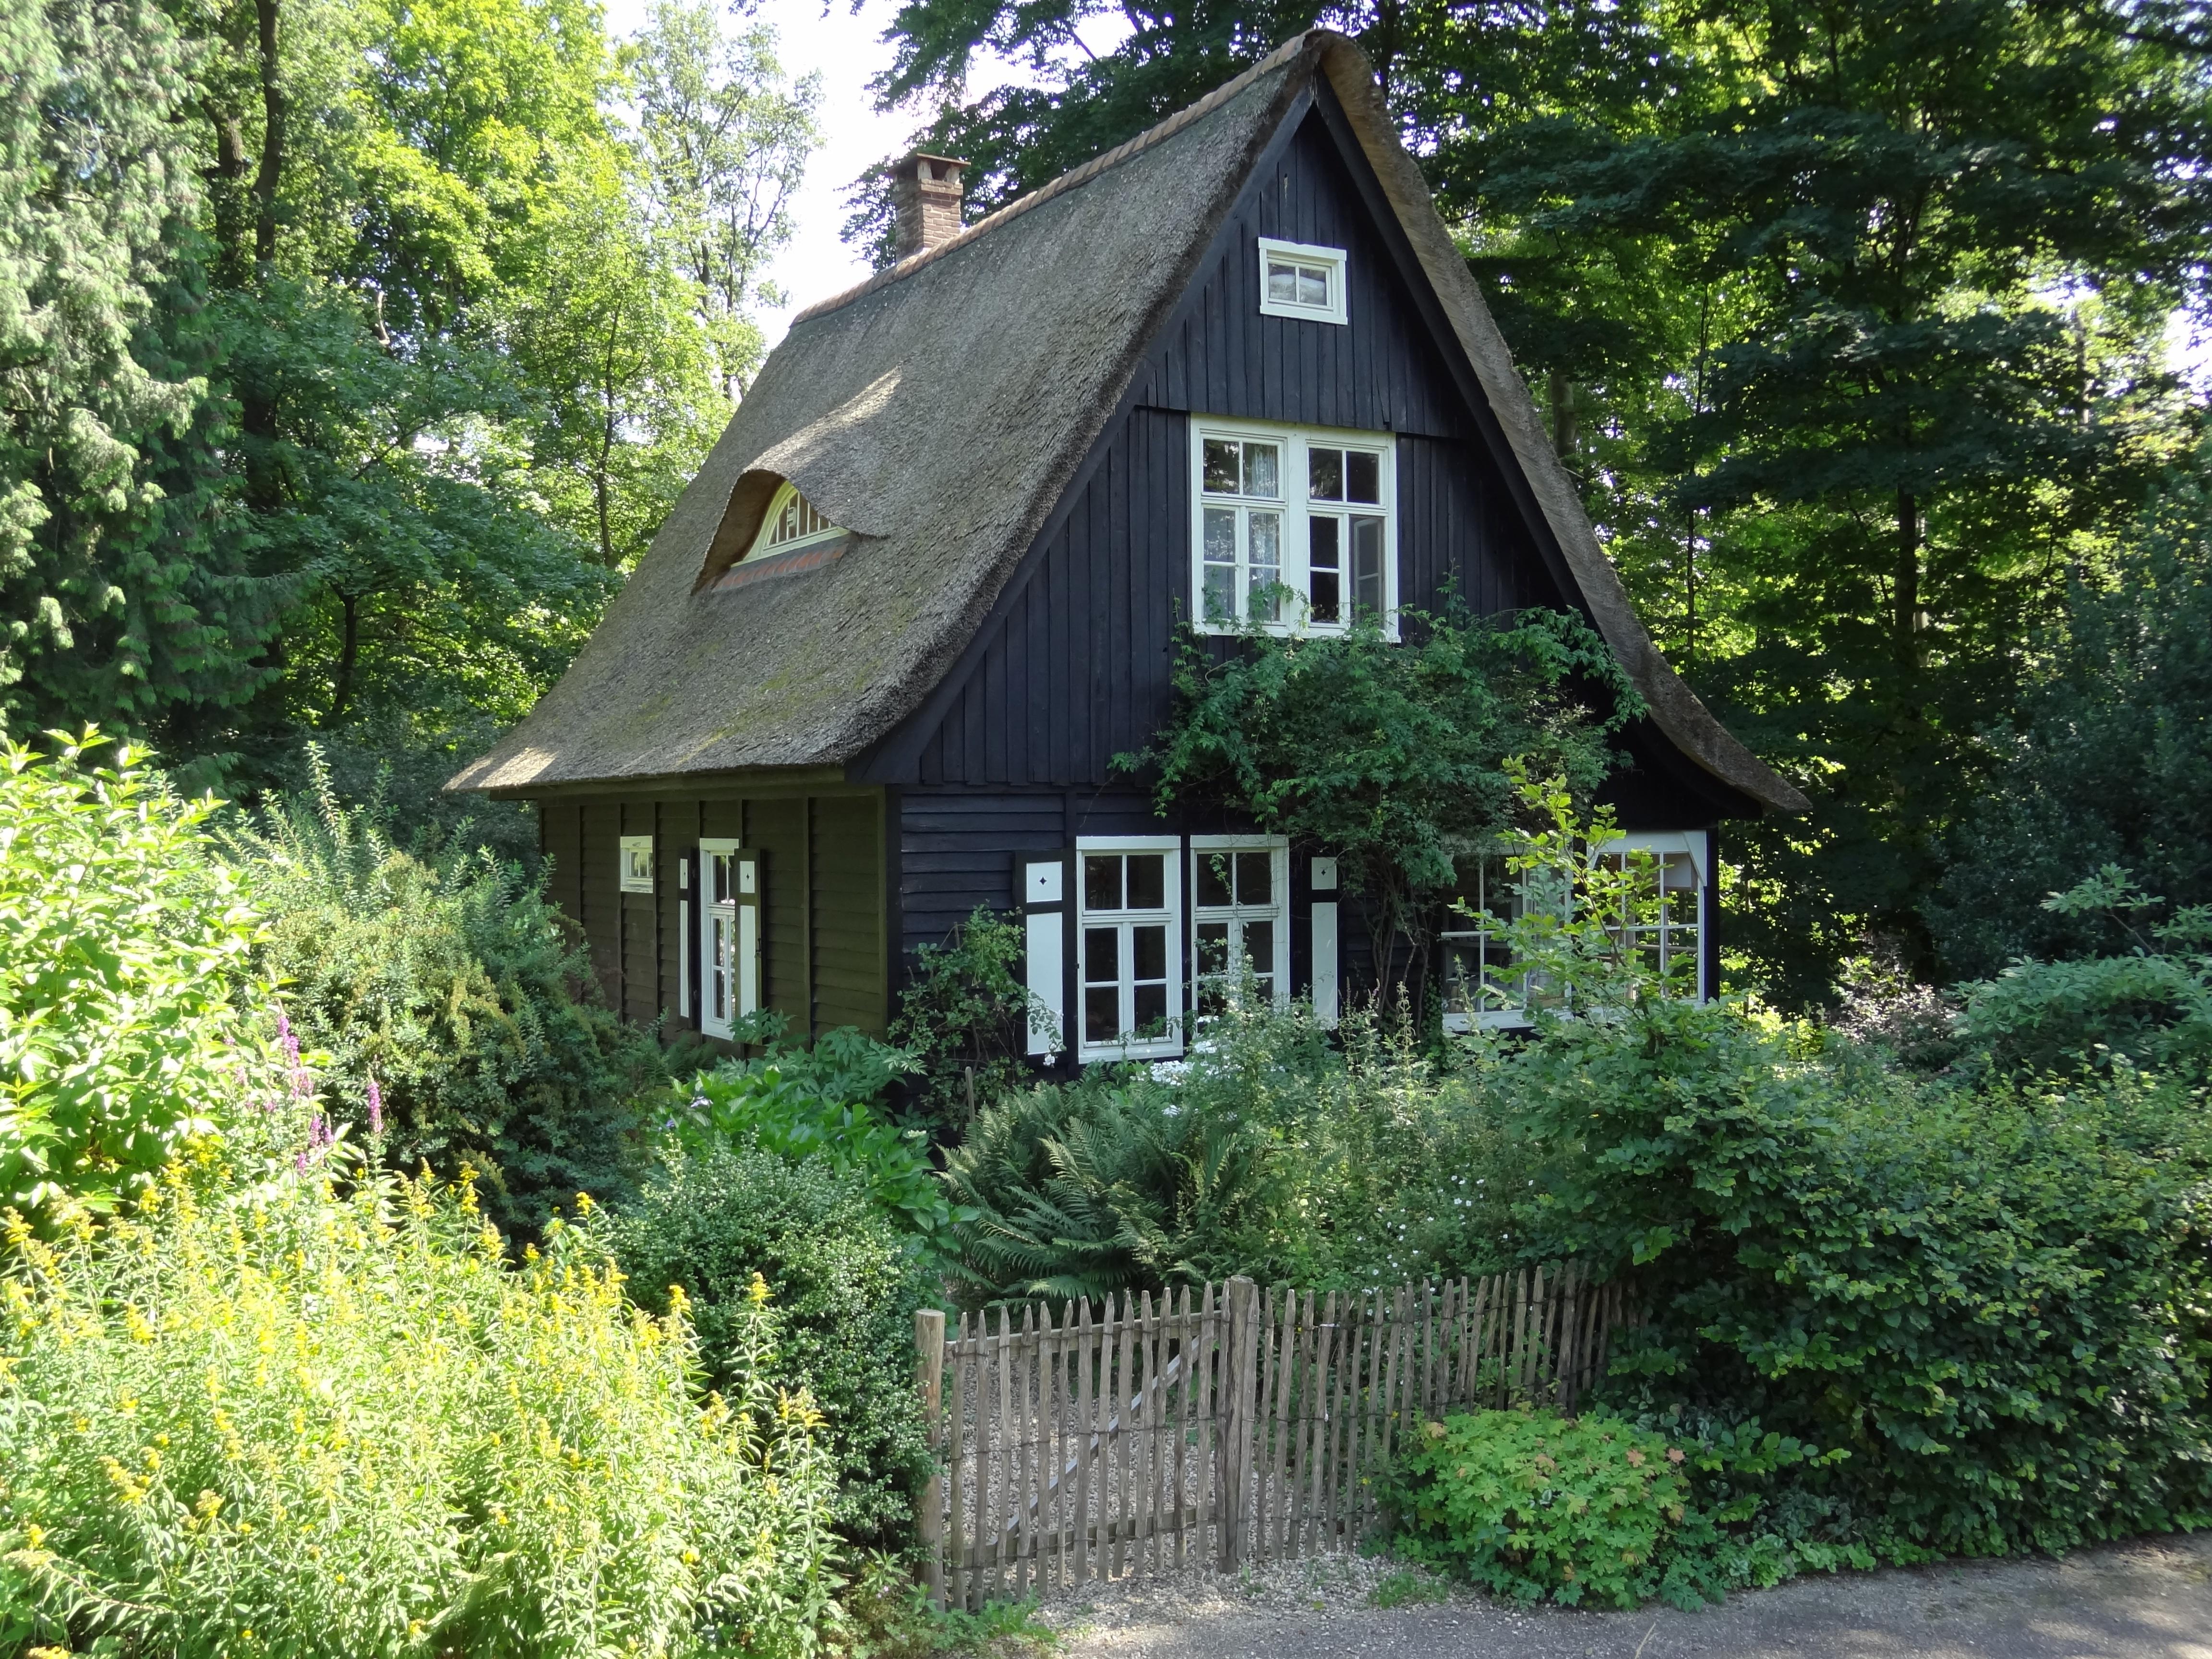 Huis Als Bouwpakket : Bestand:huis op gulden bodem.jpg wikipedia